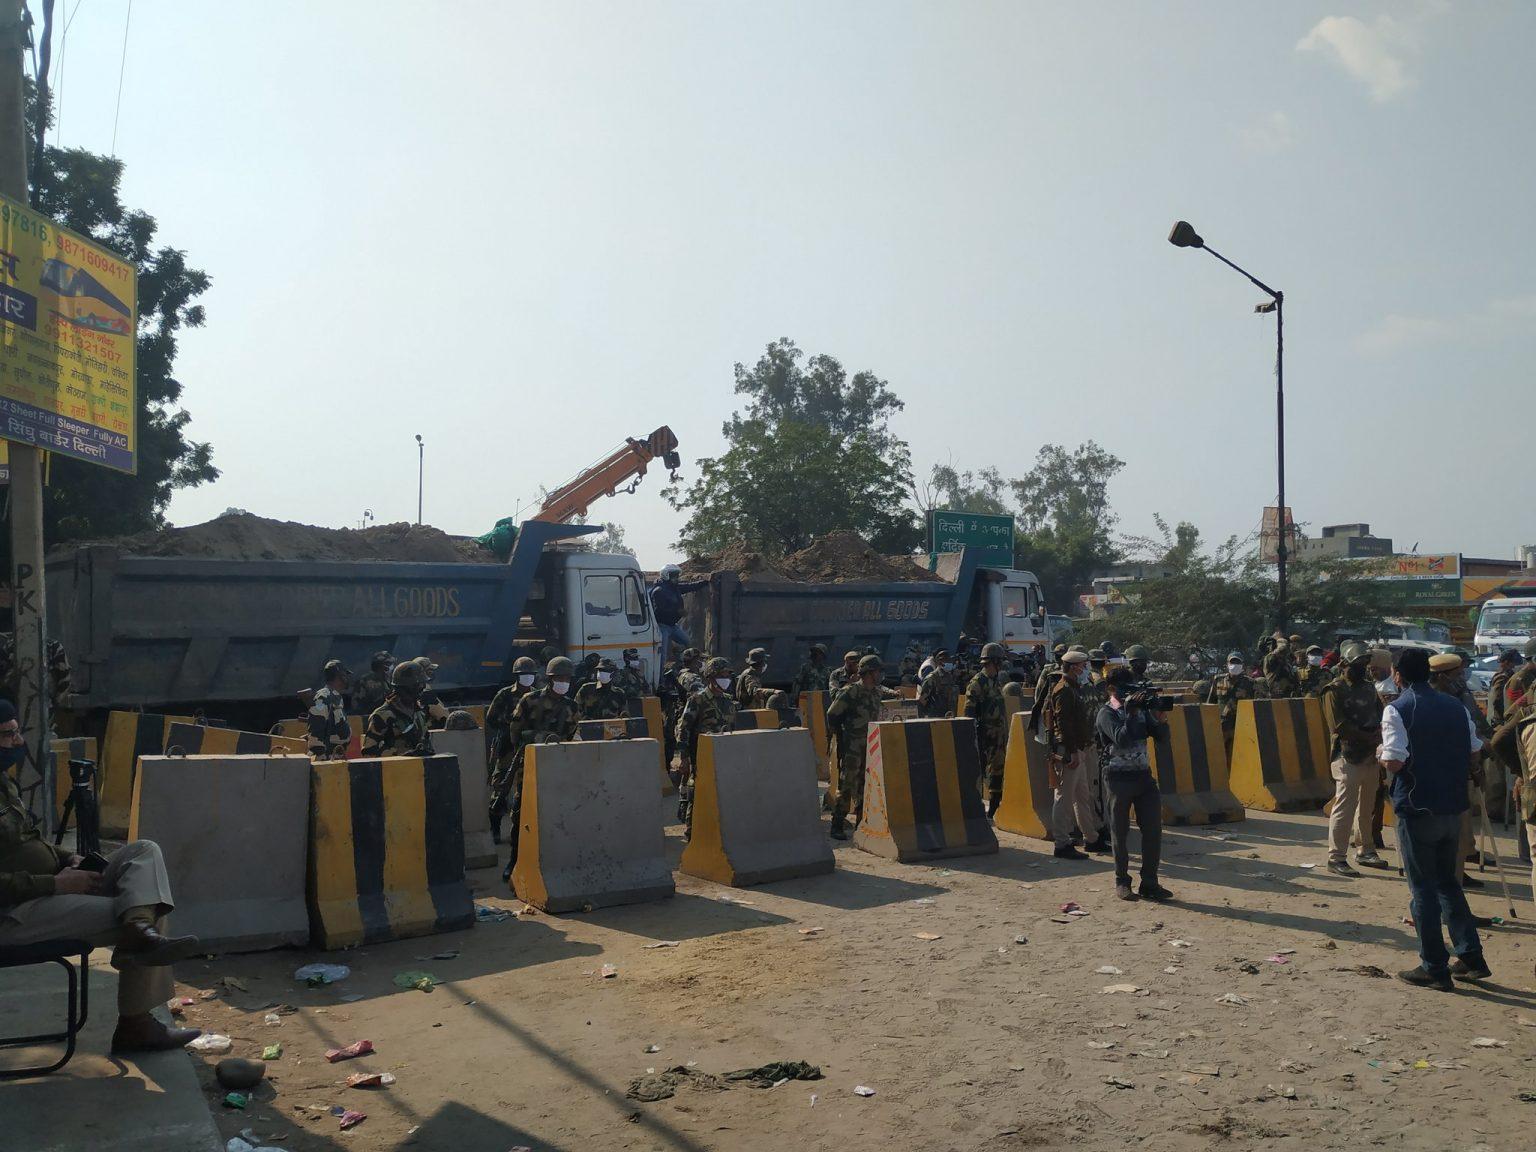 Ινδία απεργία οδόφραγμα